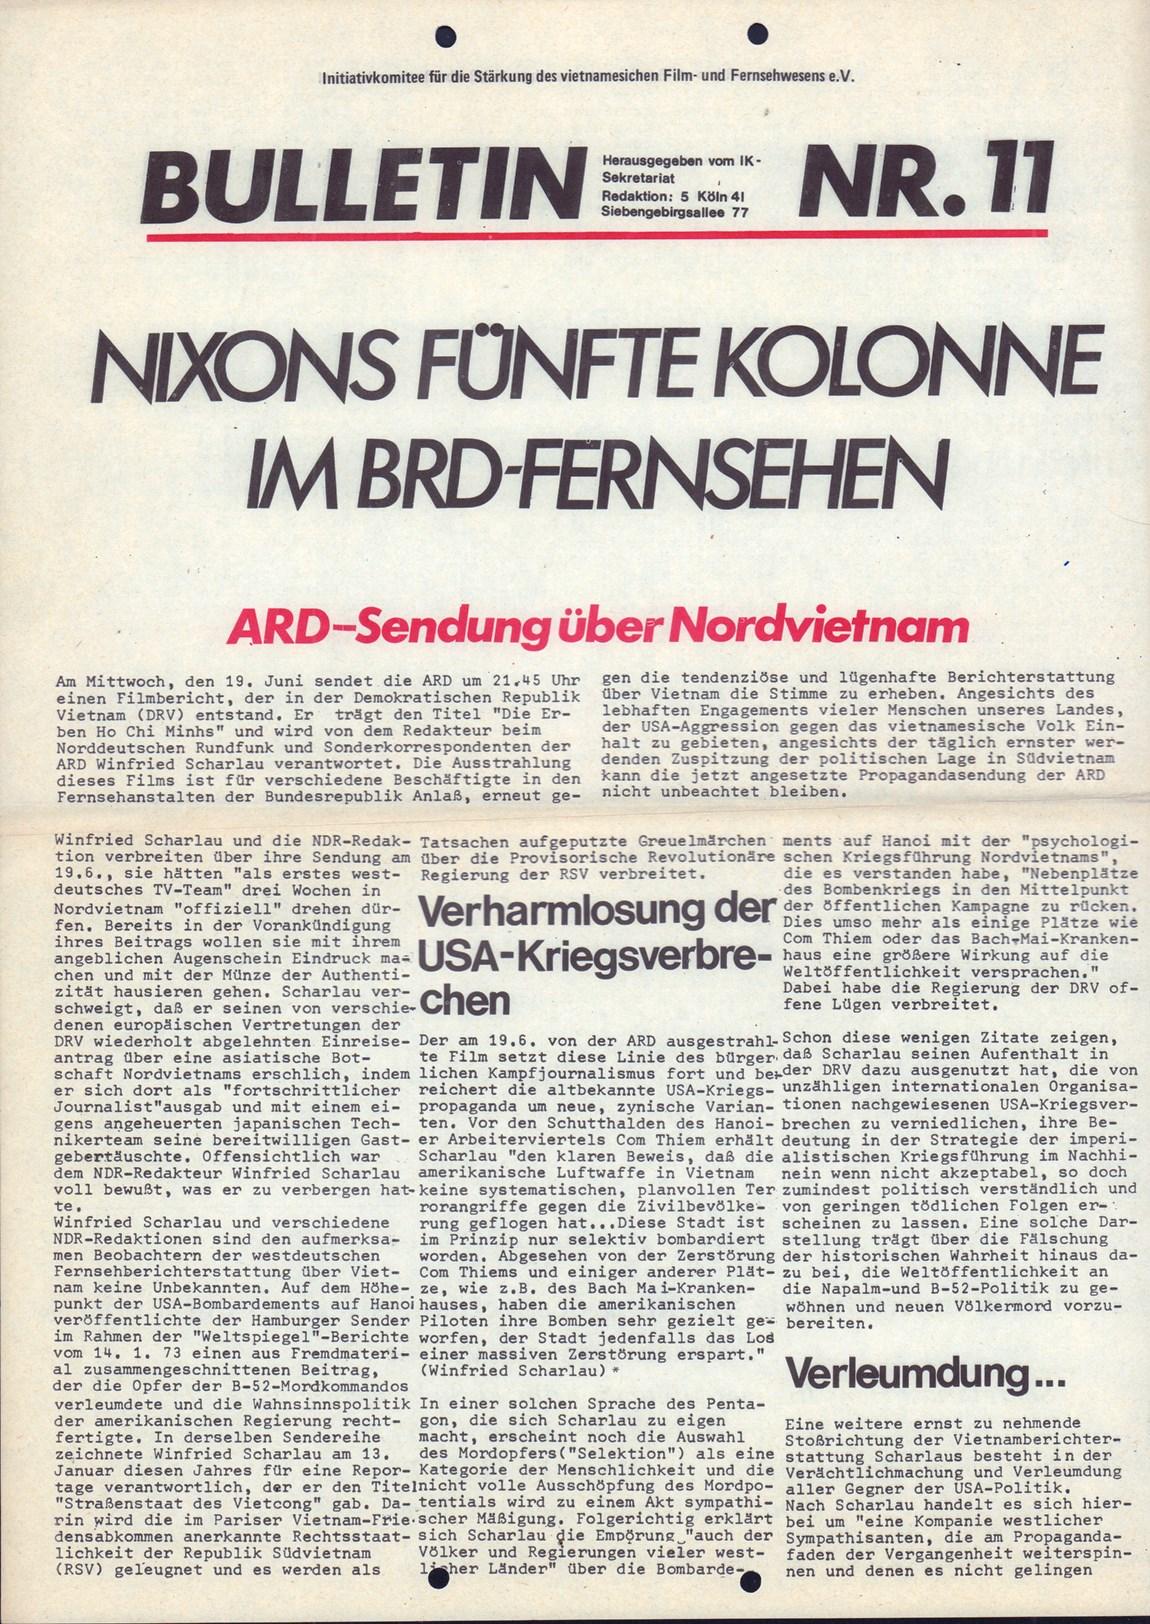 IK_Filmwesen_Bulletin_19740600_011_001